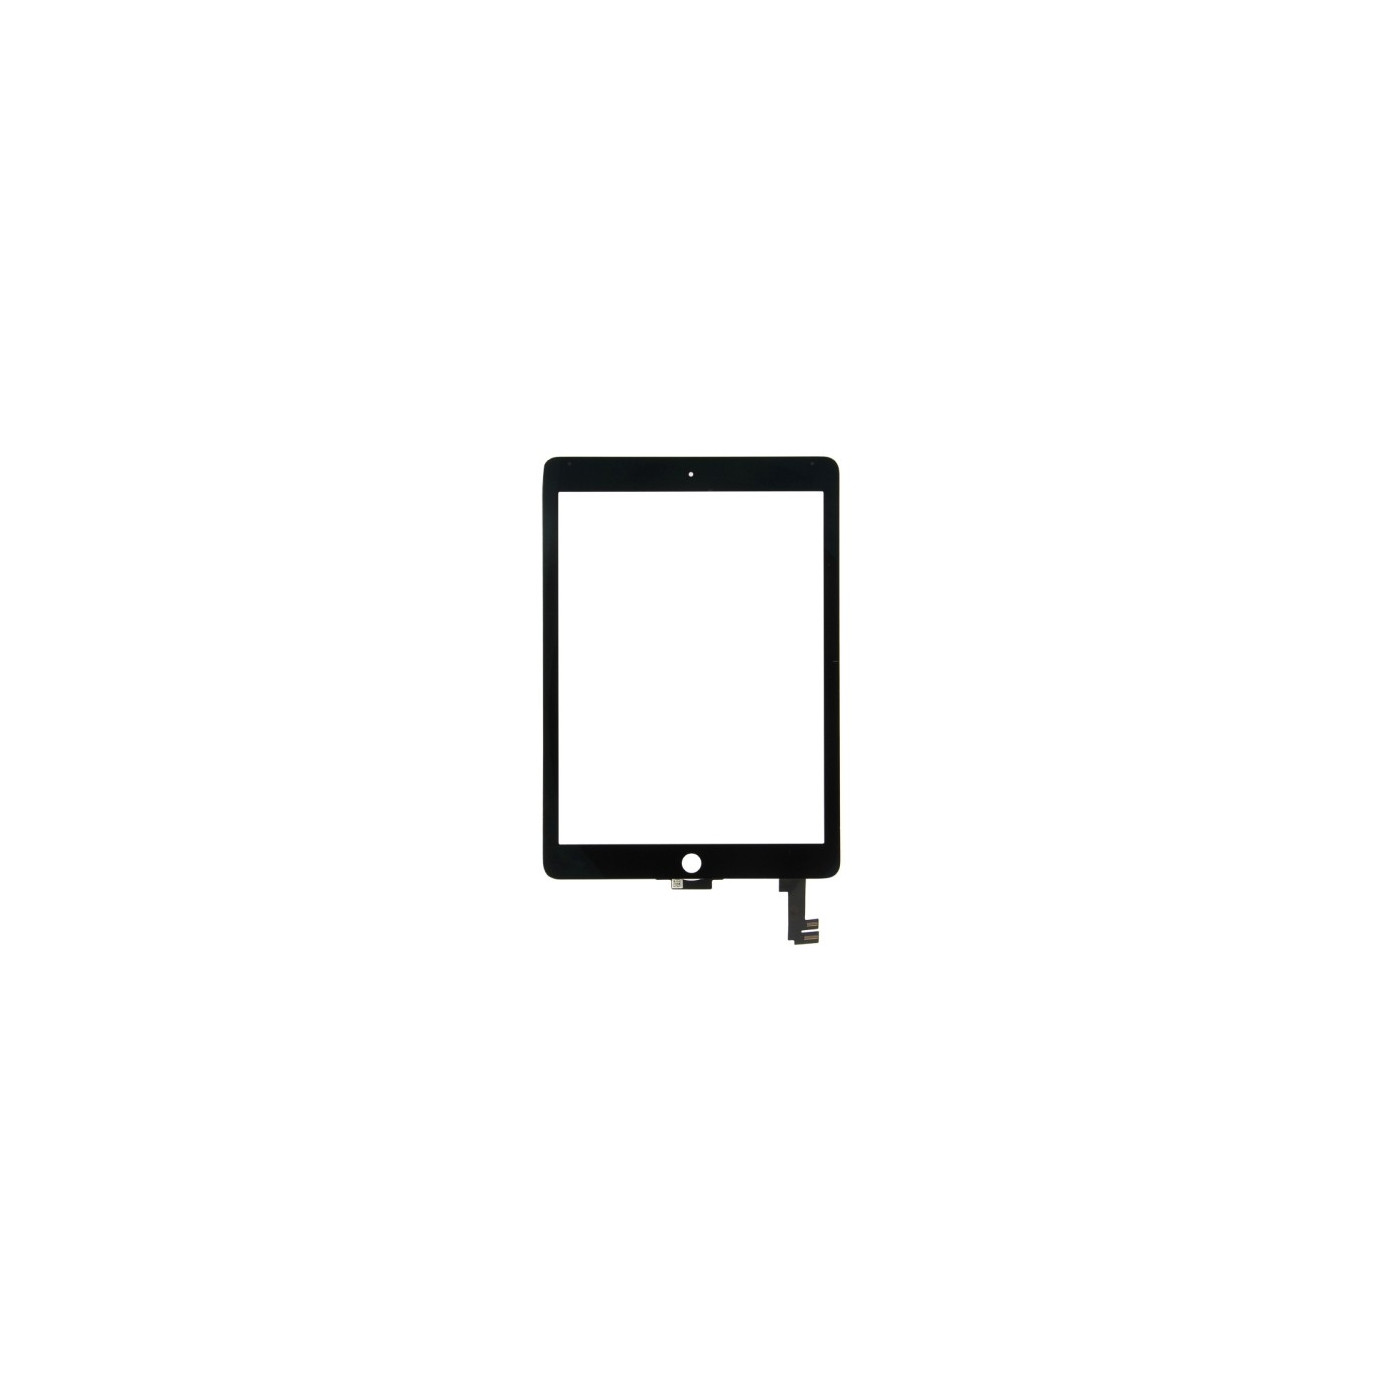 Touchscreen für Apple iPad Air 2 - iPad 6 schwarzer Glasscheibe